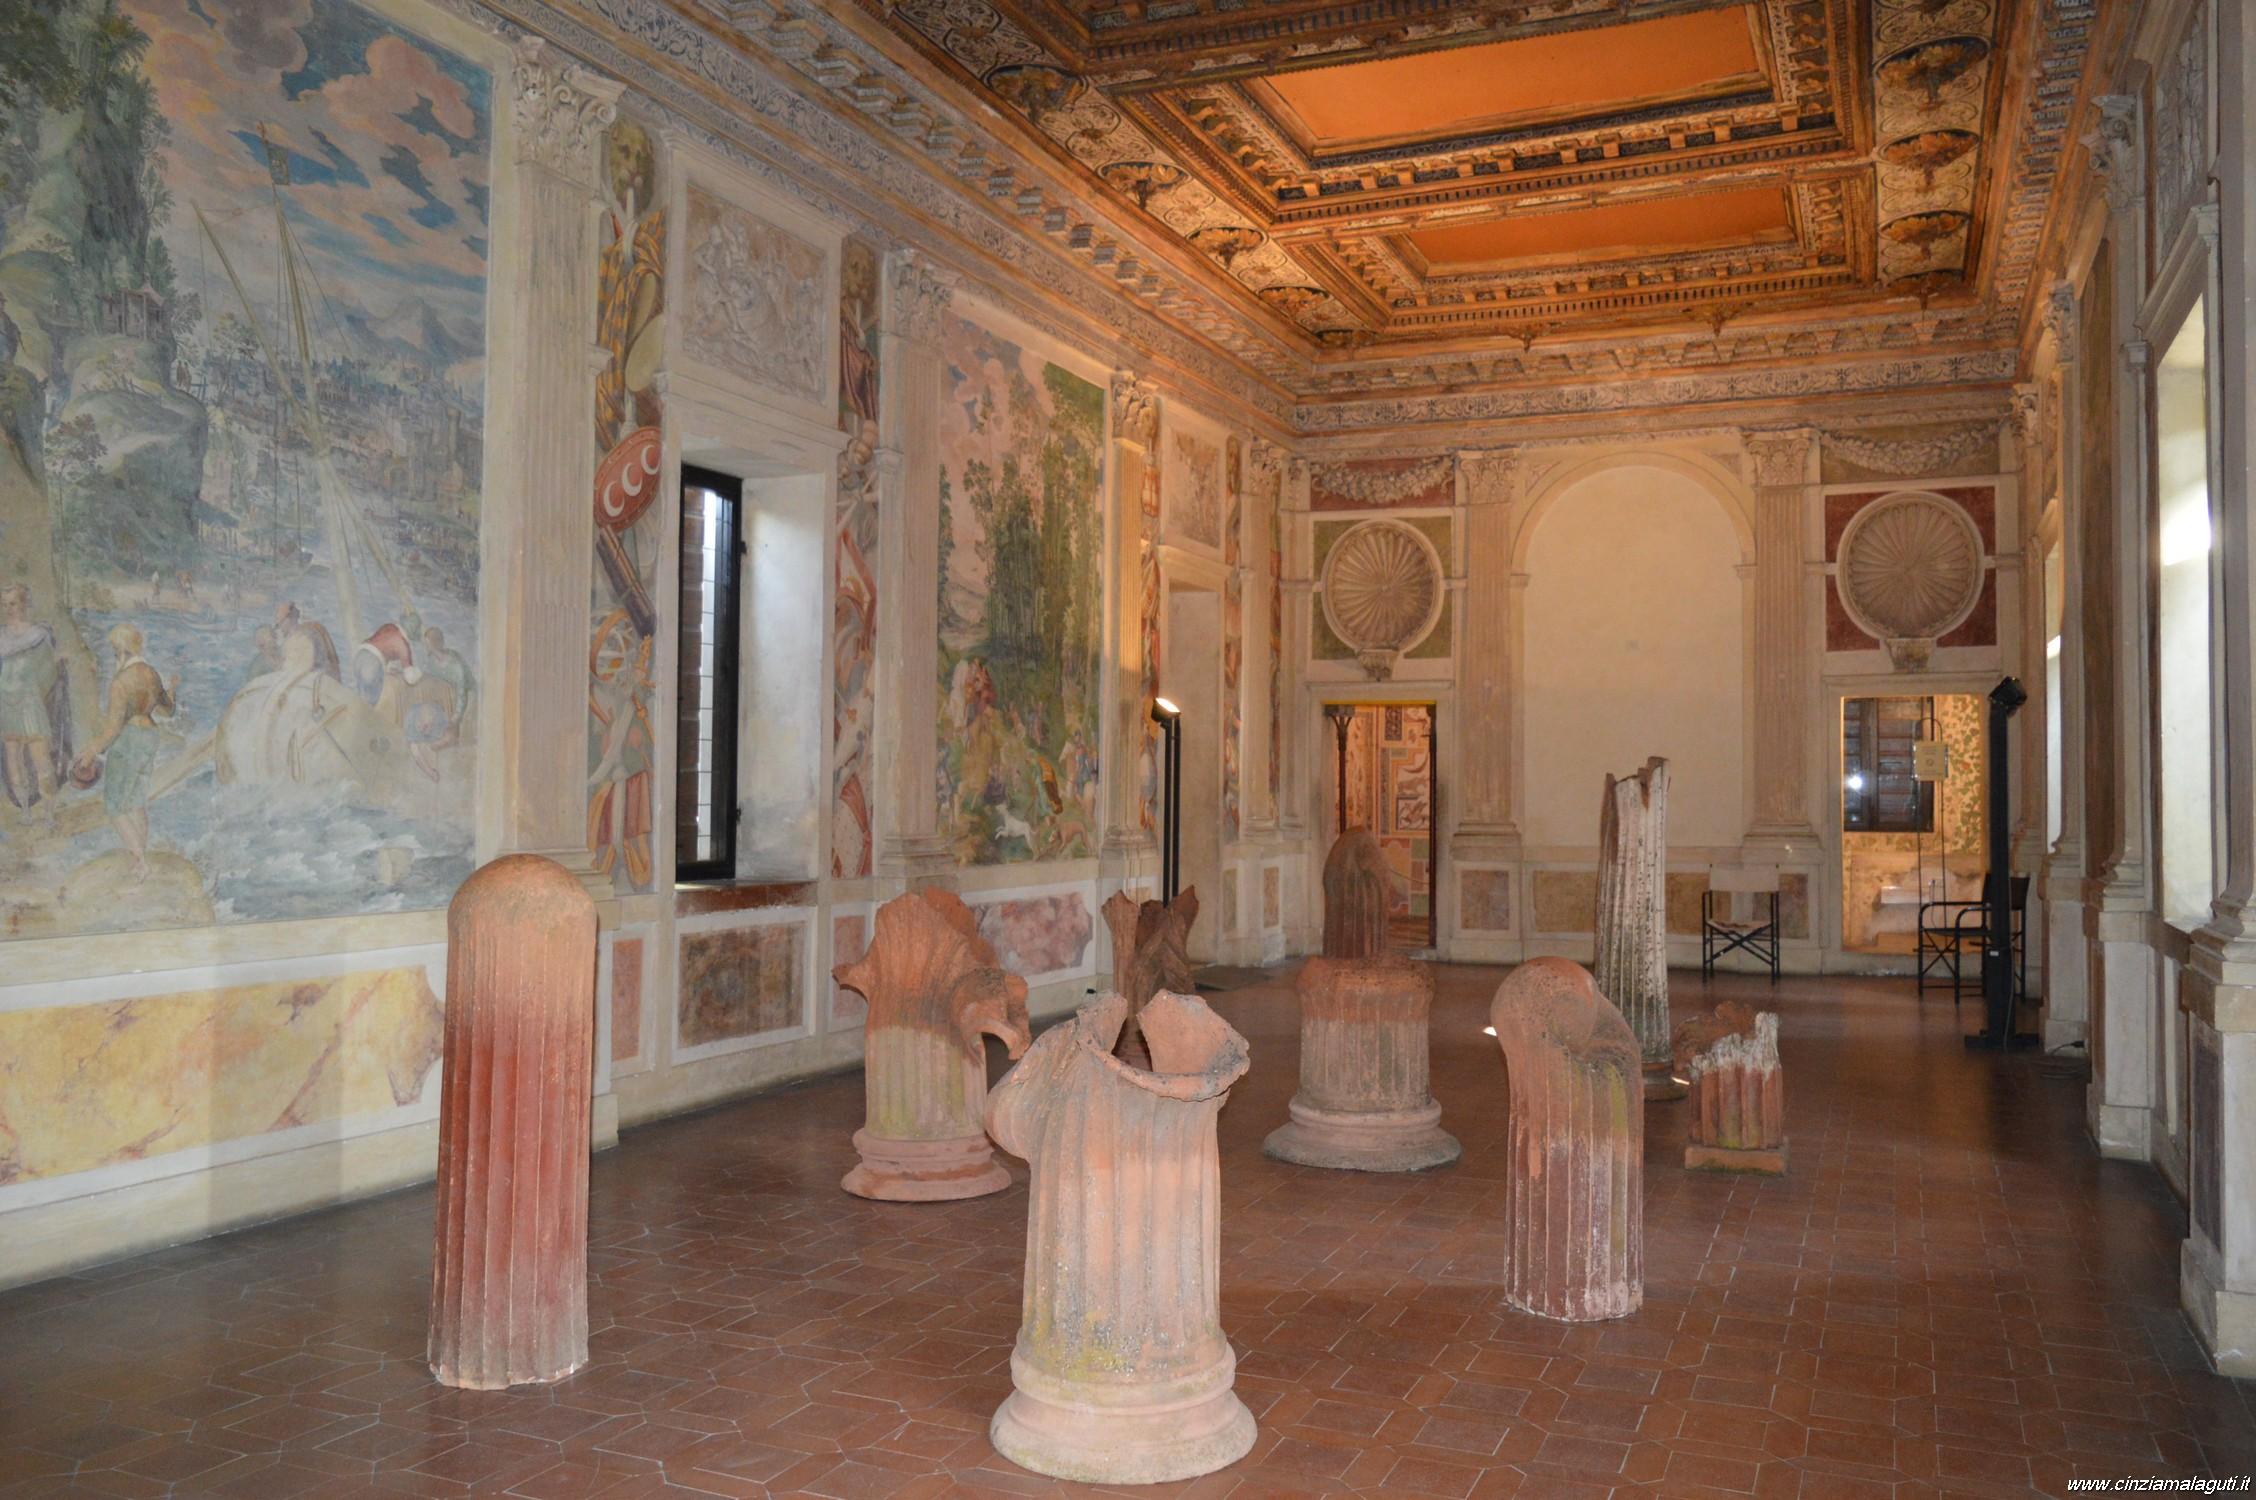 Sabbioneta palazzo giardino sala degli specchi - Sala degli specchi ...